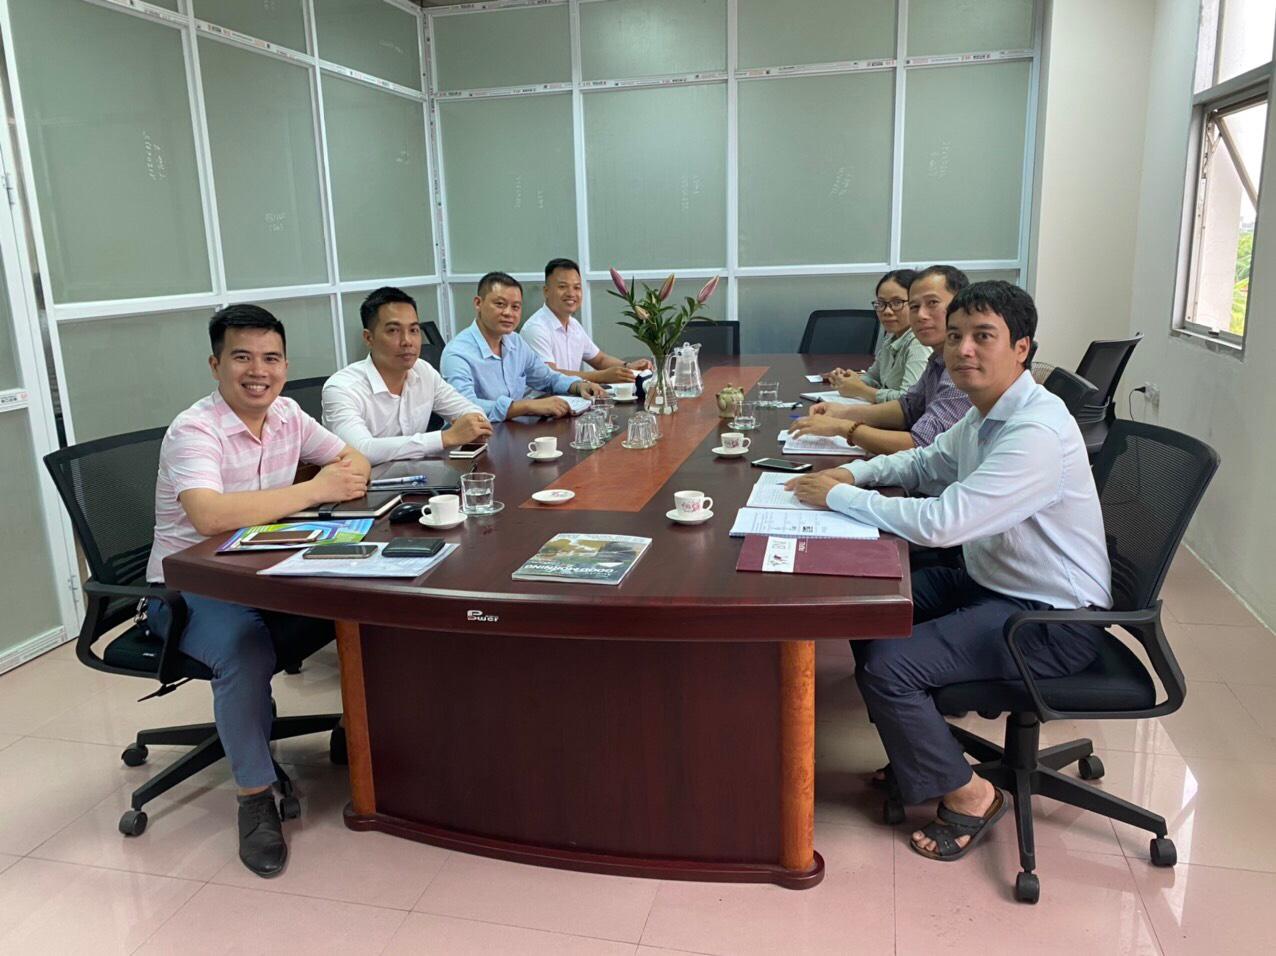 Kết nối doanh nghiệp thúc đẩy hoạt động sàn giao dịch công nghệ thiết bị, tăng cường thu hút doanh nghiệp đầu tư vào tỉnh Nam Định